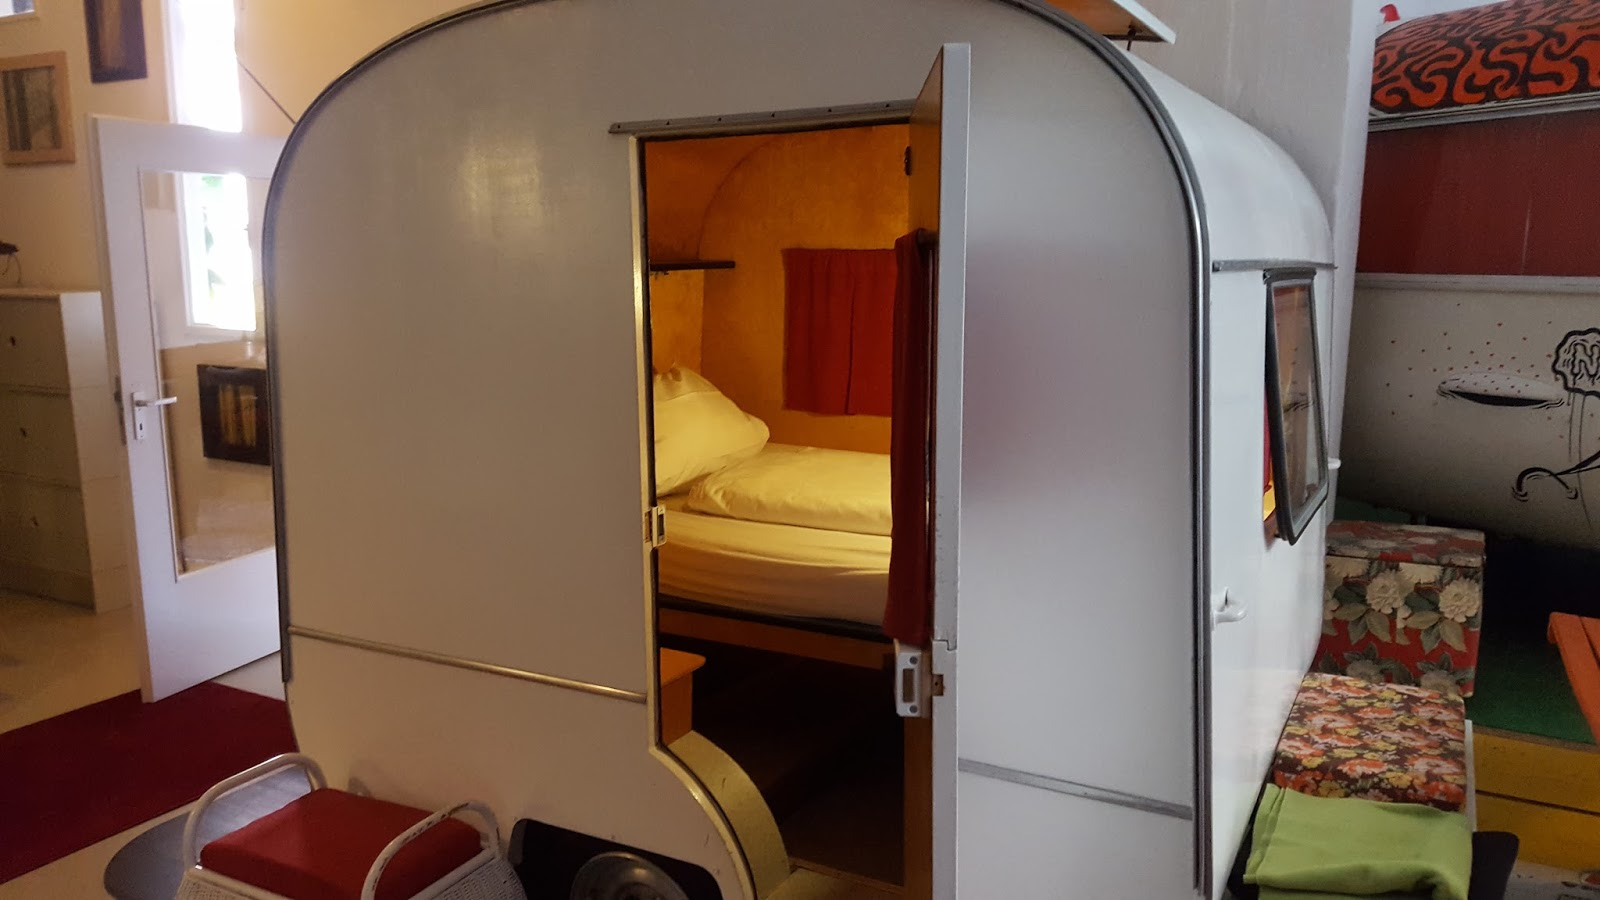 mischas reiseseite berlin seelig schlafen im h ttenpalast. Black Bedroom Furniture Sets. Home Design Ideas